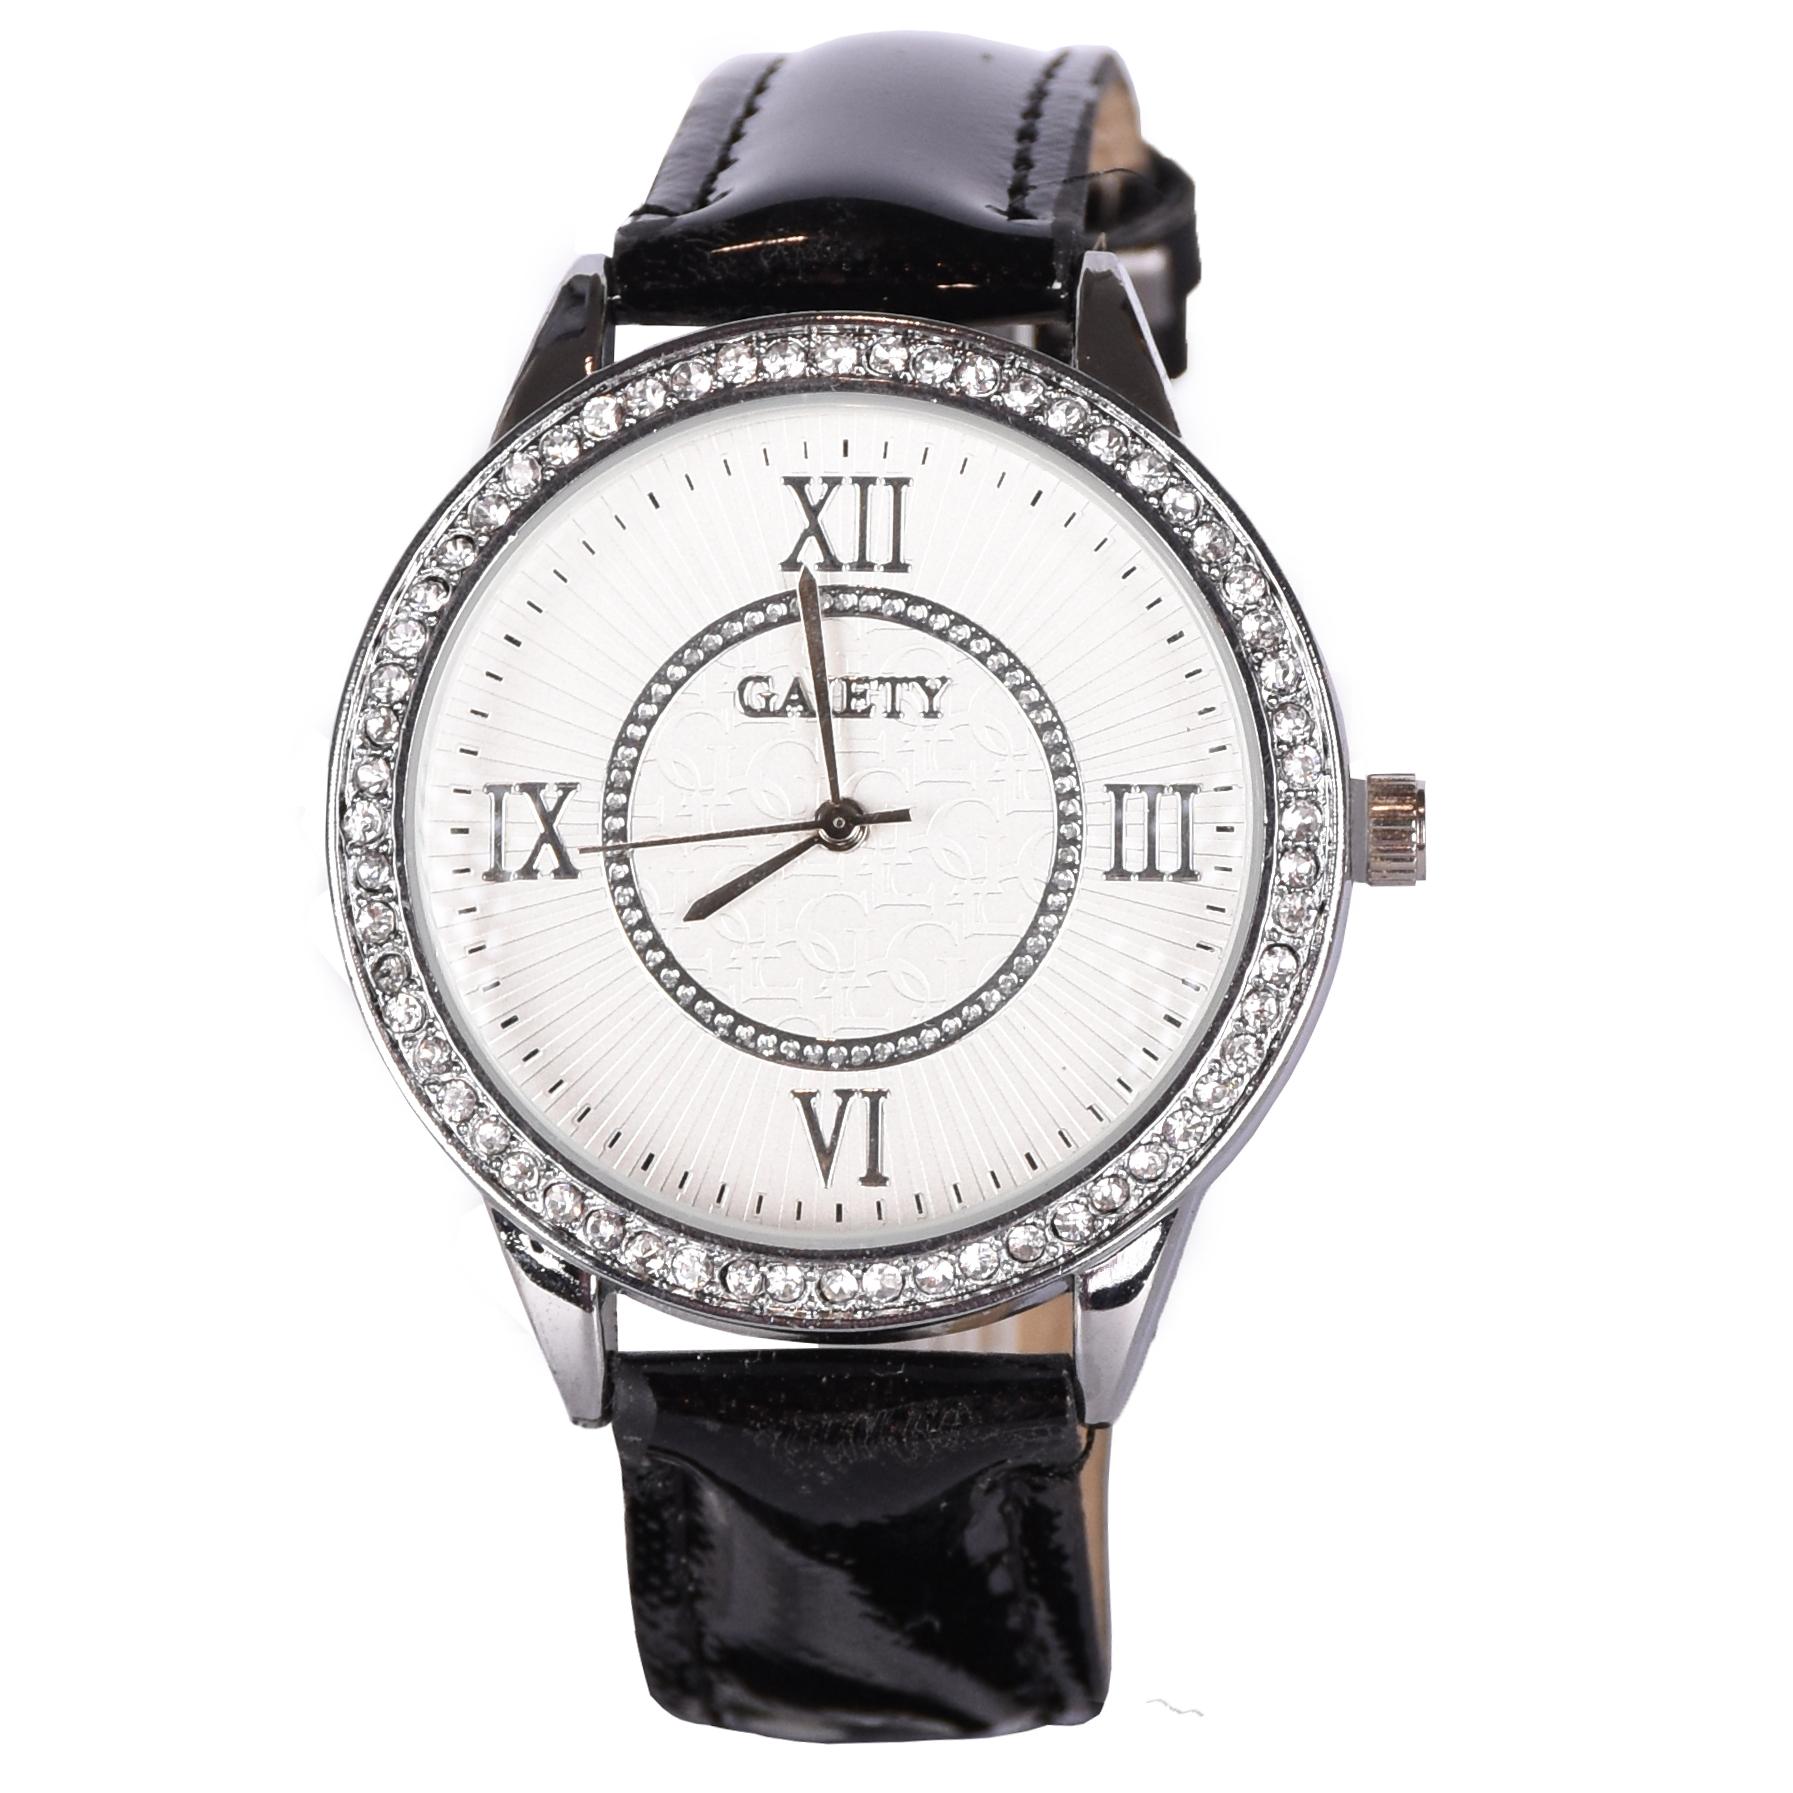 ساعت مچی عقربه ای زنانه گایتی کد G102              ارزان